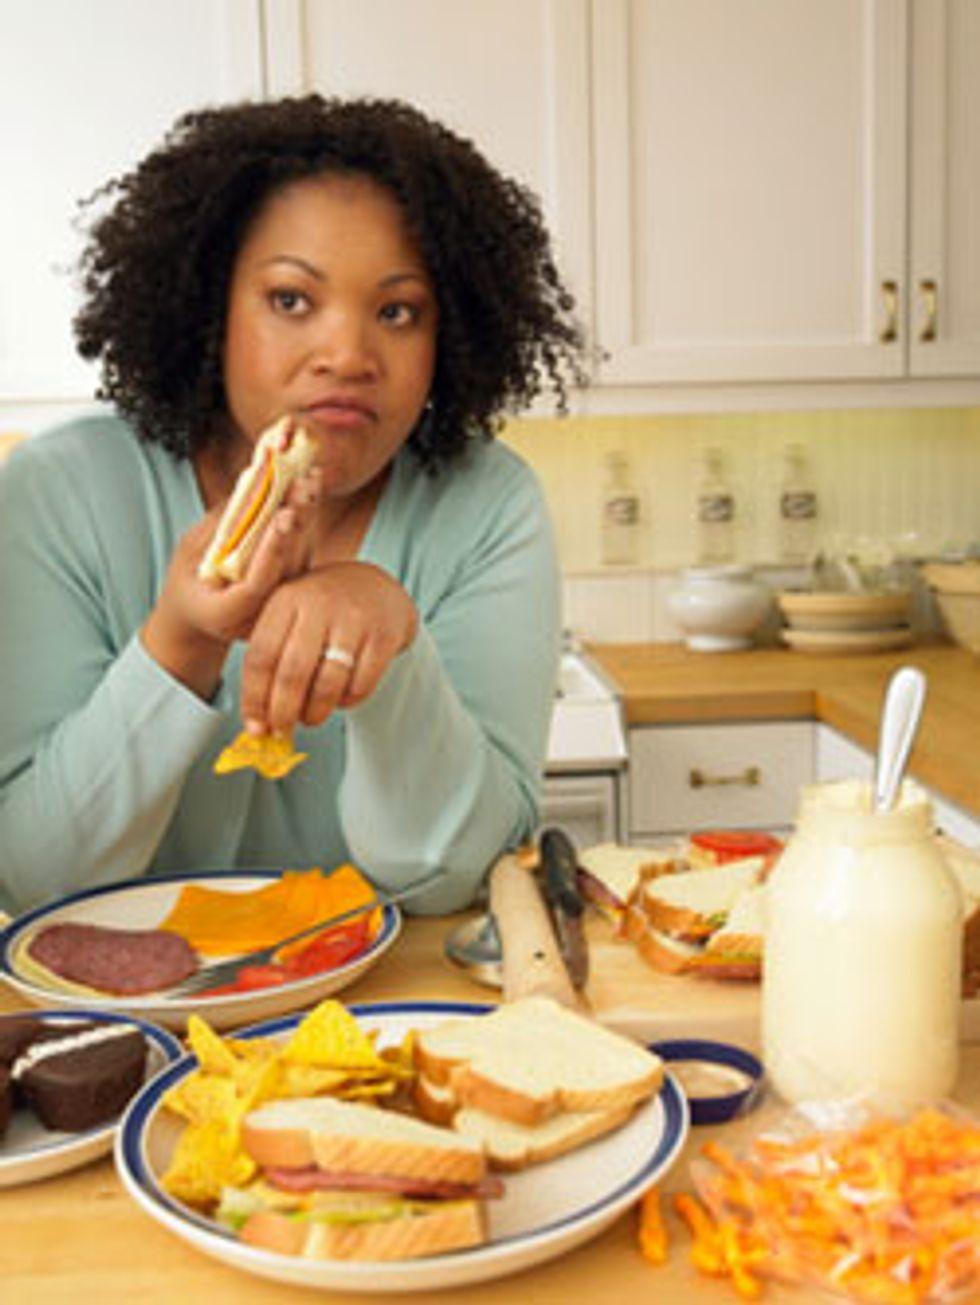 woman-eating-749651.jpg